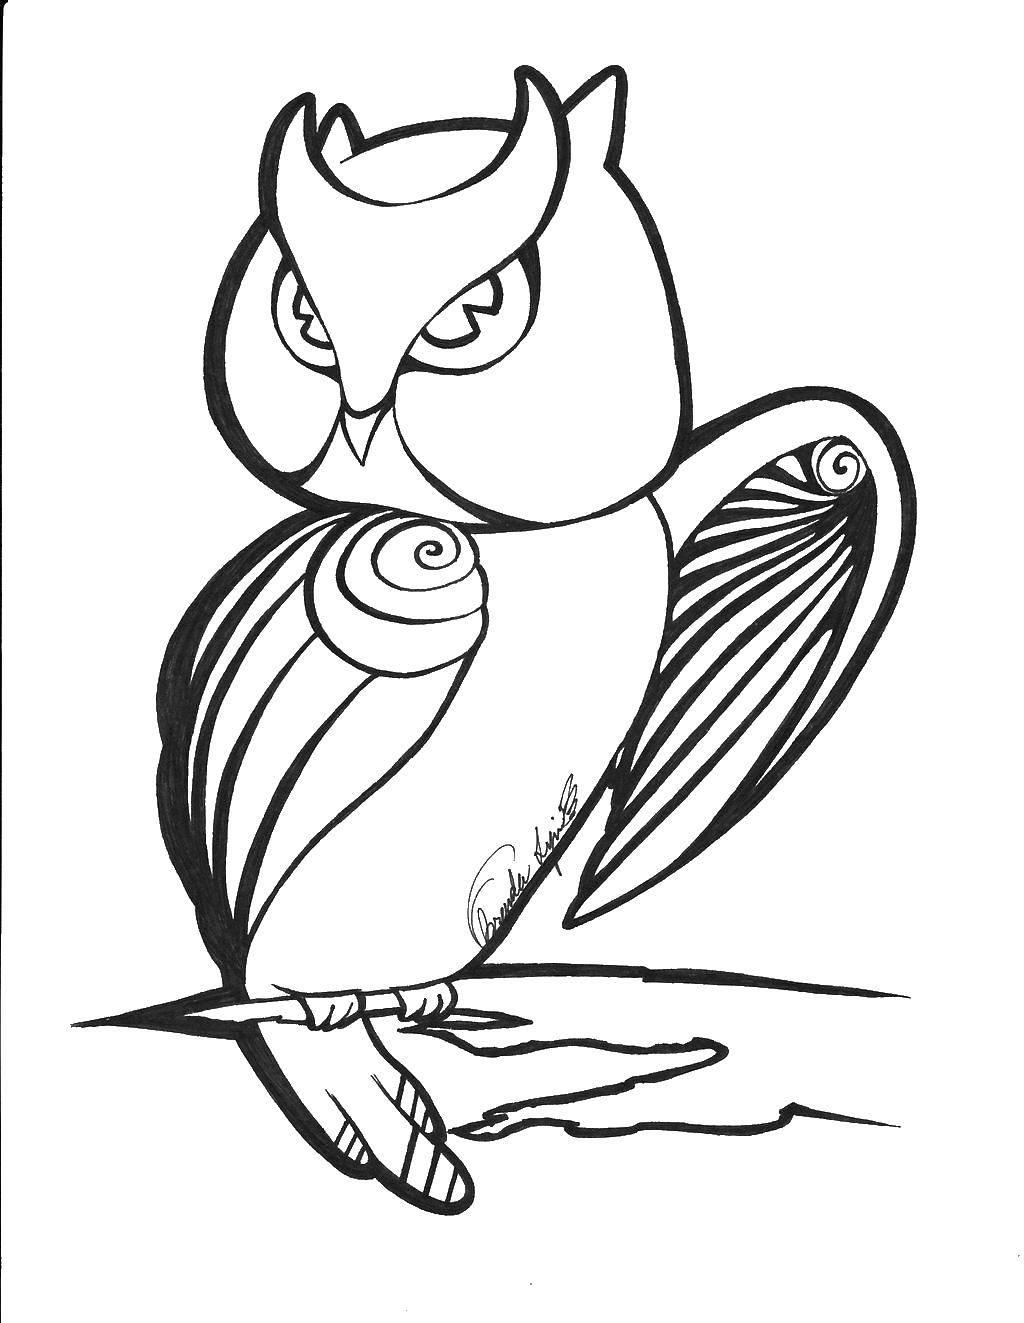 Раскраска Контуры для вырезания птиц Скачать контур, ладони, пальцы.  Распечатать ,Контур руки и ладошки для вырезания,